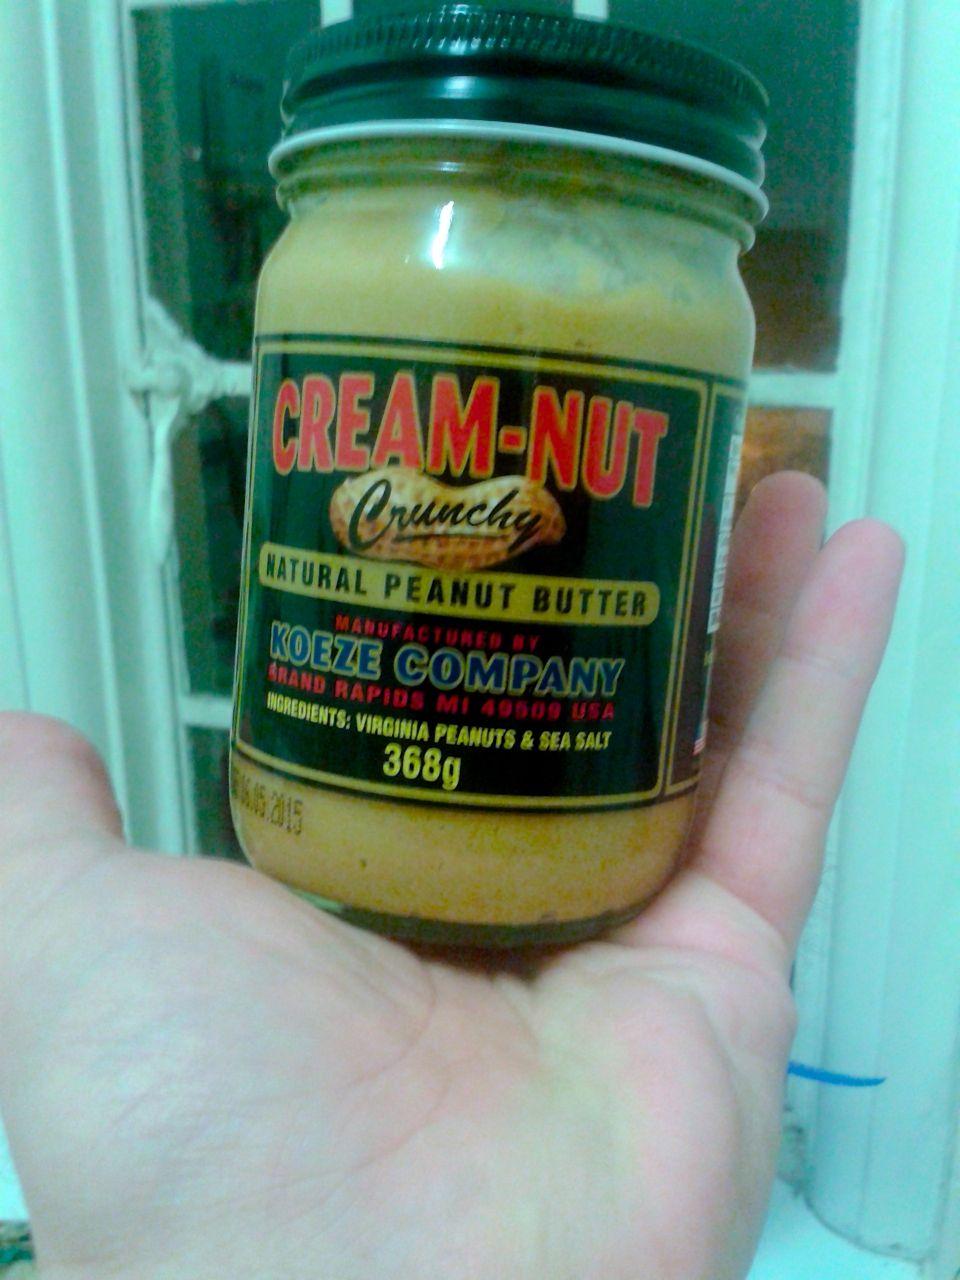 http://fatgayvegan.com/wp-content/uploads/2014/02/peanut-b.jpg